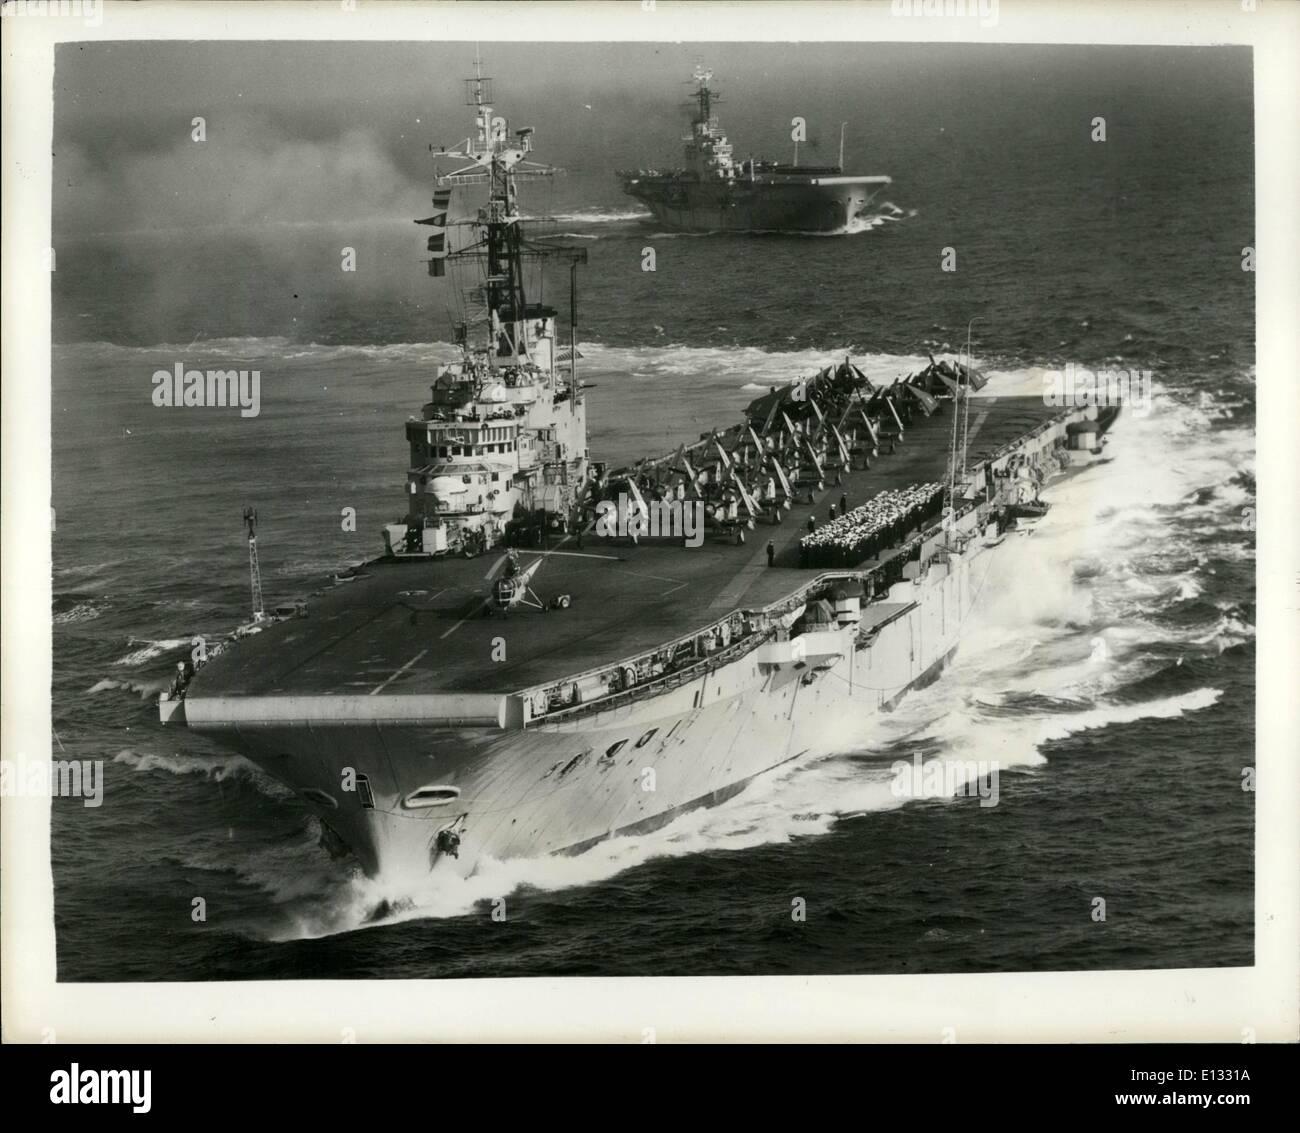 Febbraio 26, 2012 - angoli, curve e specchi. Due della marina britannica della nuovissima portanti sono H.M.S. Albion e H.M.S. Centauro. Entrambi sono equipaggiati con le più recenti flattops - angolato deck e un mirror aiuto di atterraggio per sostituire il battitore familiare. Essi sono stati visti insieme a cerimonie che segnano la partenza di Admiral conte del Mountbatten dal suo posto di Allied Commander-in-Chief, Mediterranea. Mostra immagine:- mirroring-e-angolato H.M.S. Centaur e H.M.S. Albion effettuare curve del loro scie nel Mediterraneo. Gli equipaggi e i velivoli sono redatte sul ponte per il cerimoniale di partenza. Immagini Stock